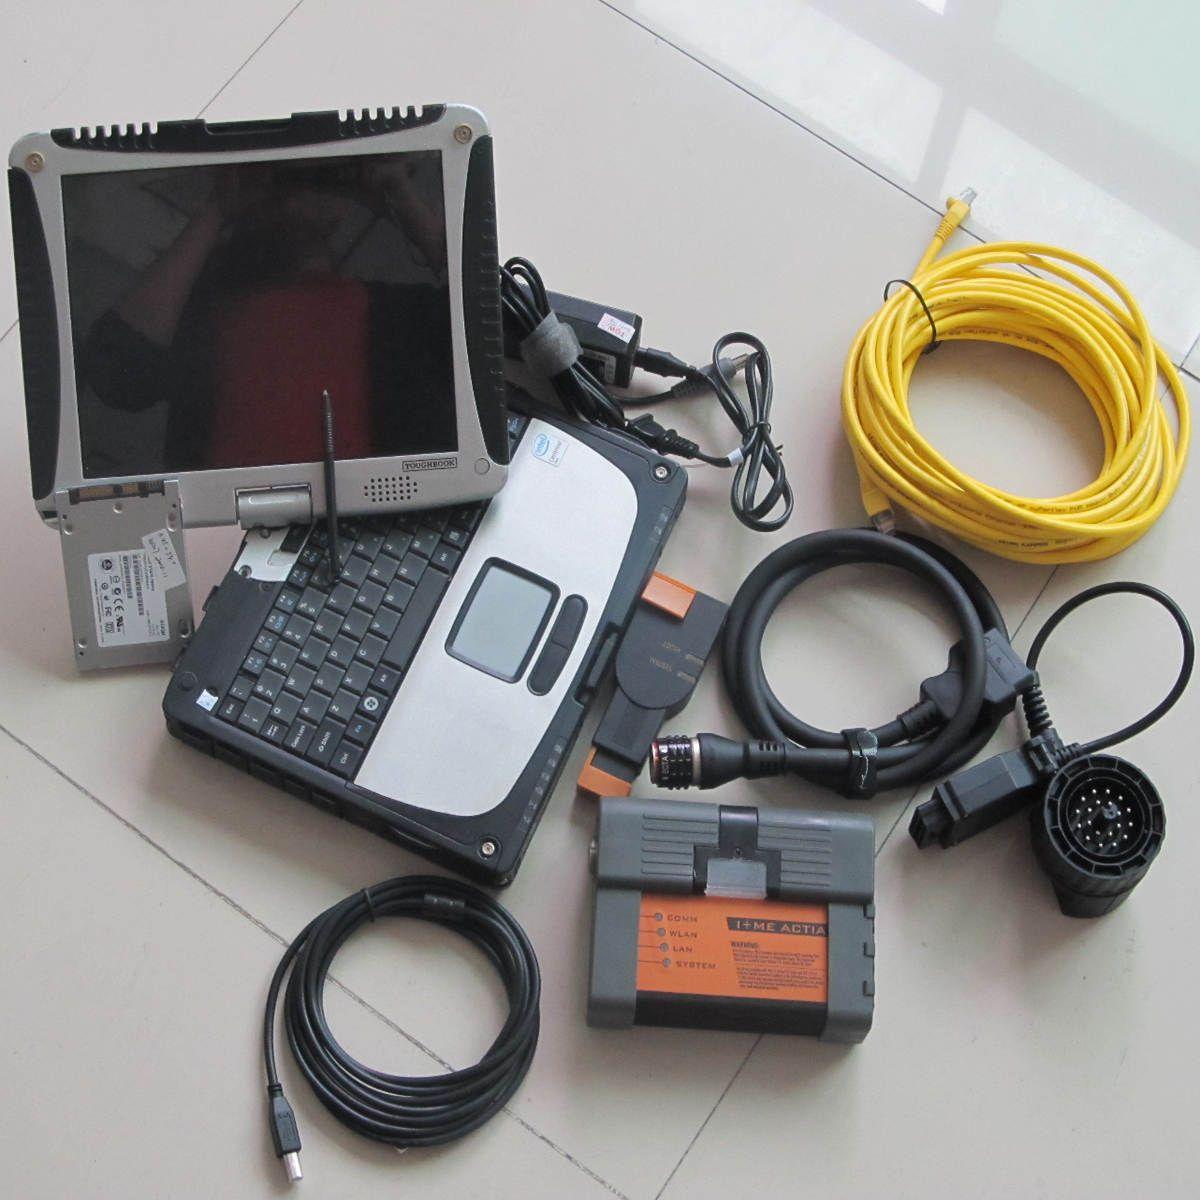 Para el probador de diagnóstico bmw icom a2 b c 3in1 con computadora portátil CF-19 4g i5 480GB modo experto en multi idiomas